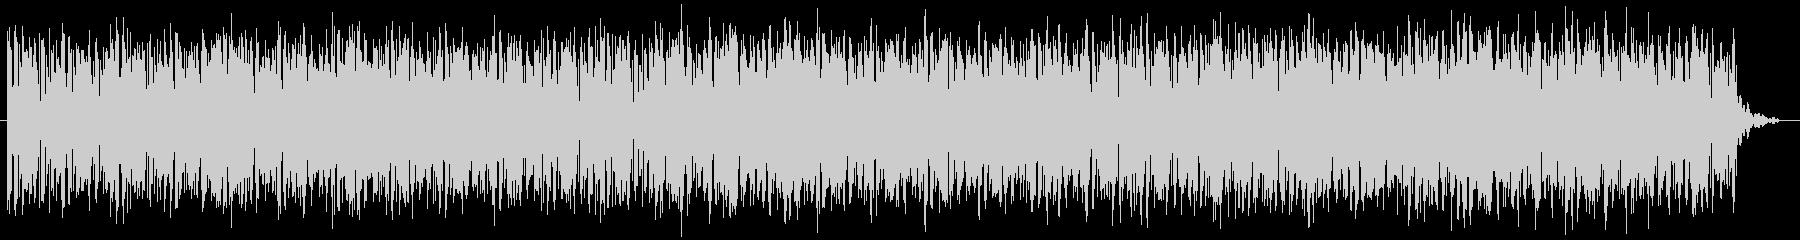 ピアノメインのハウスグルーブの未再生の波形